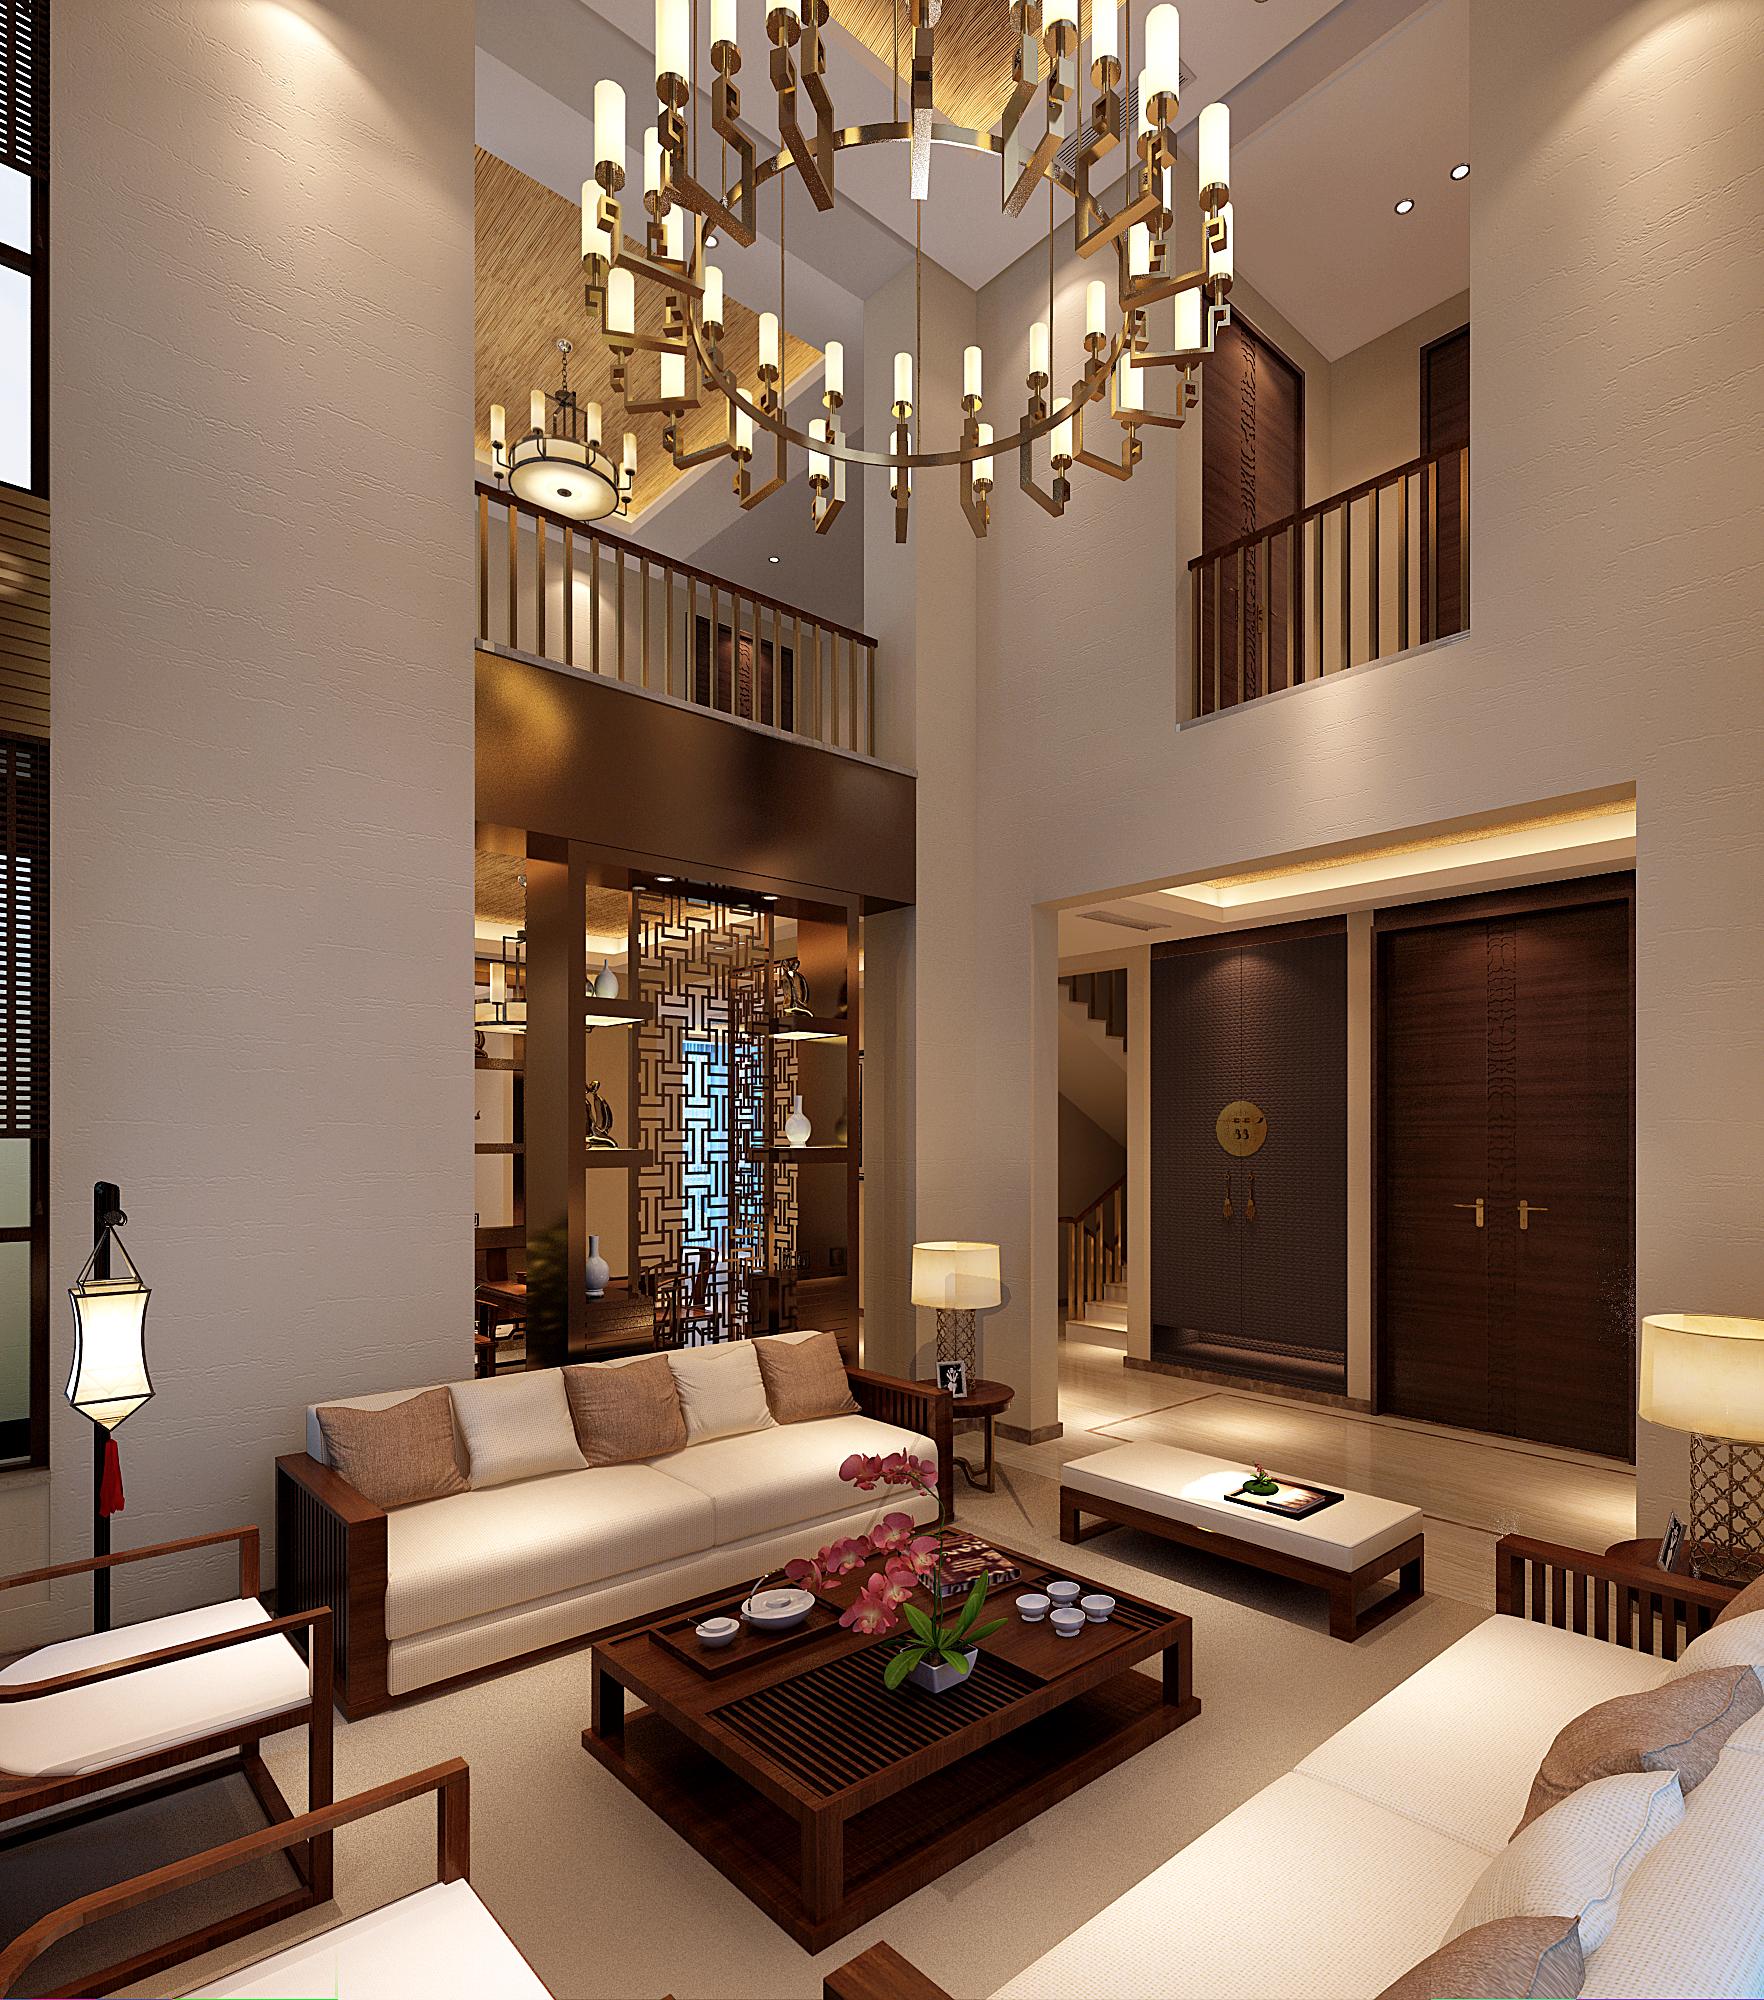 简约新中式中式别墅客厅装修效果图片_装修美图-新浪图片